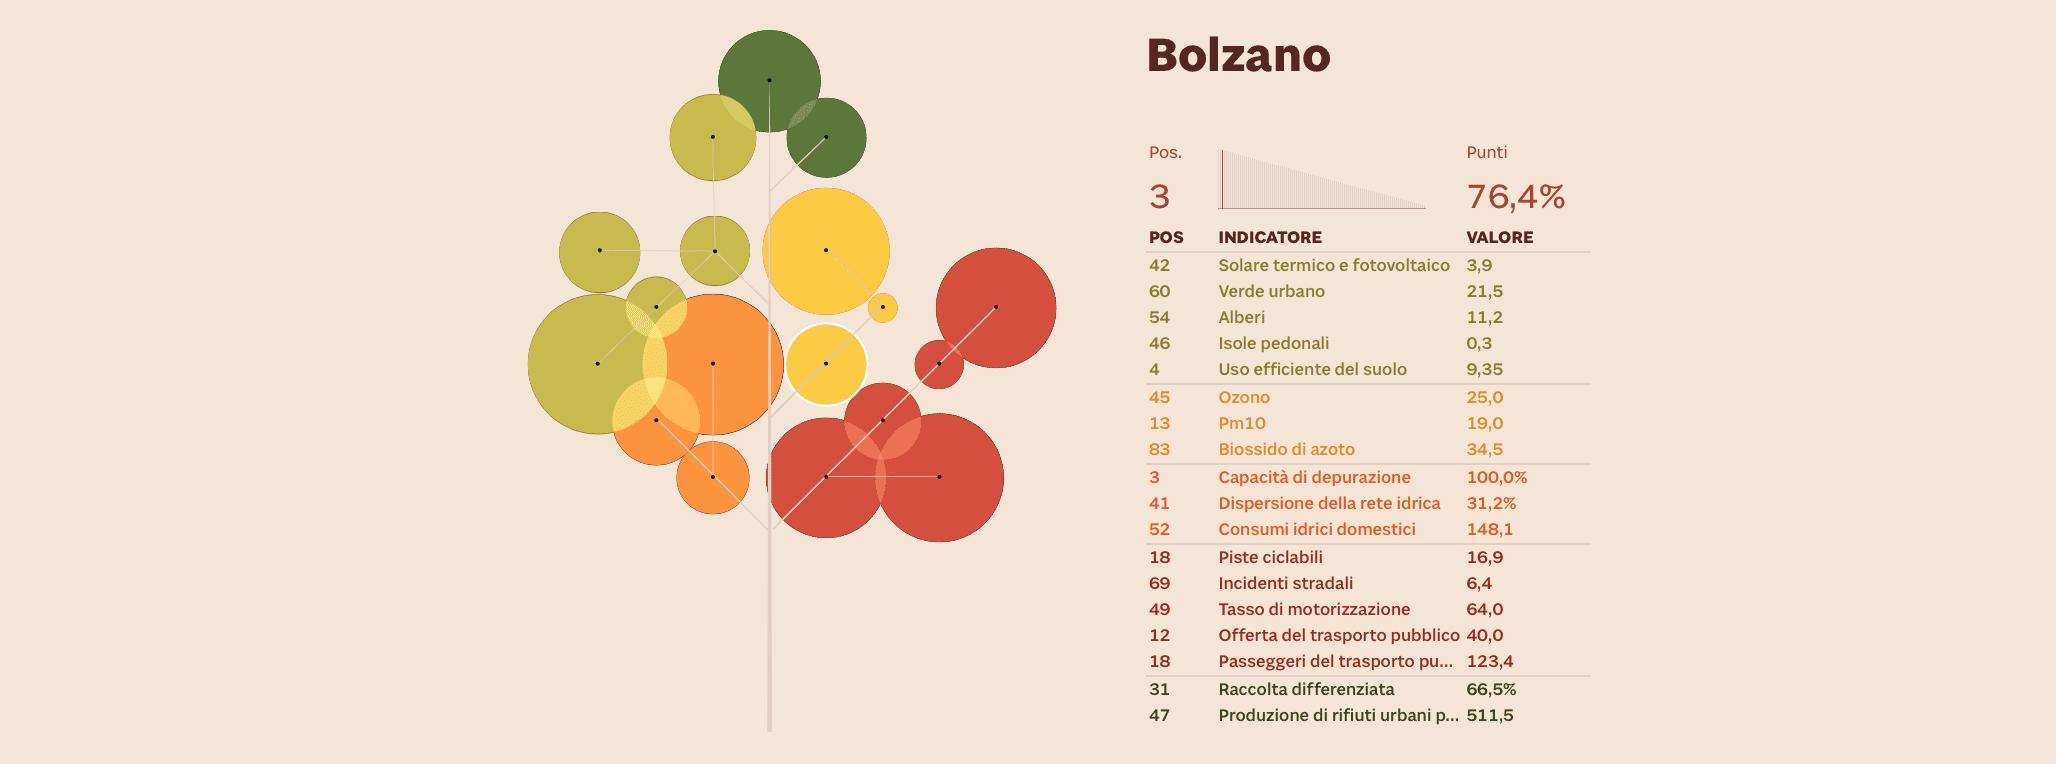 sostenibilità ambientale Bolzano